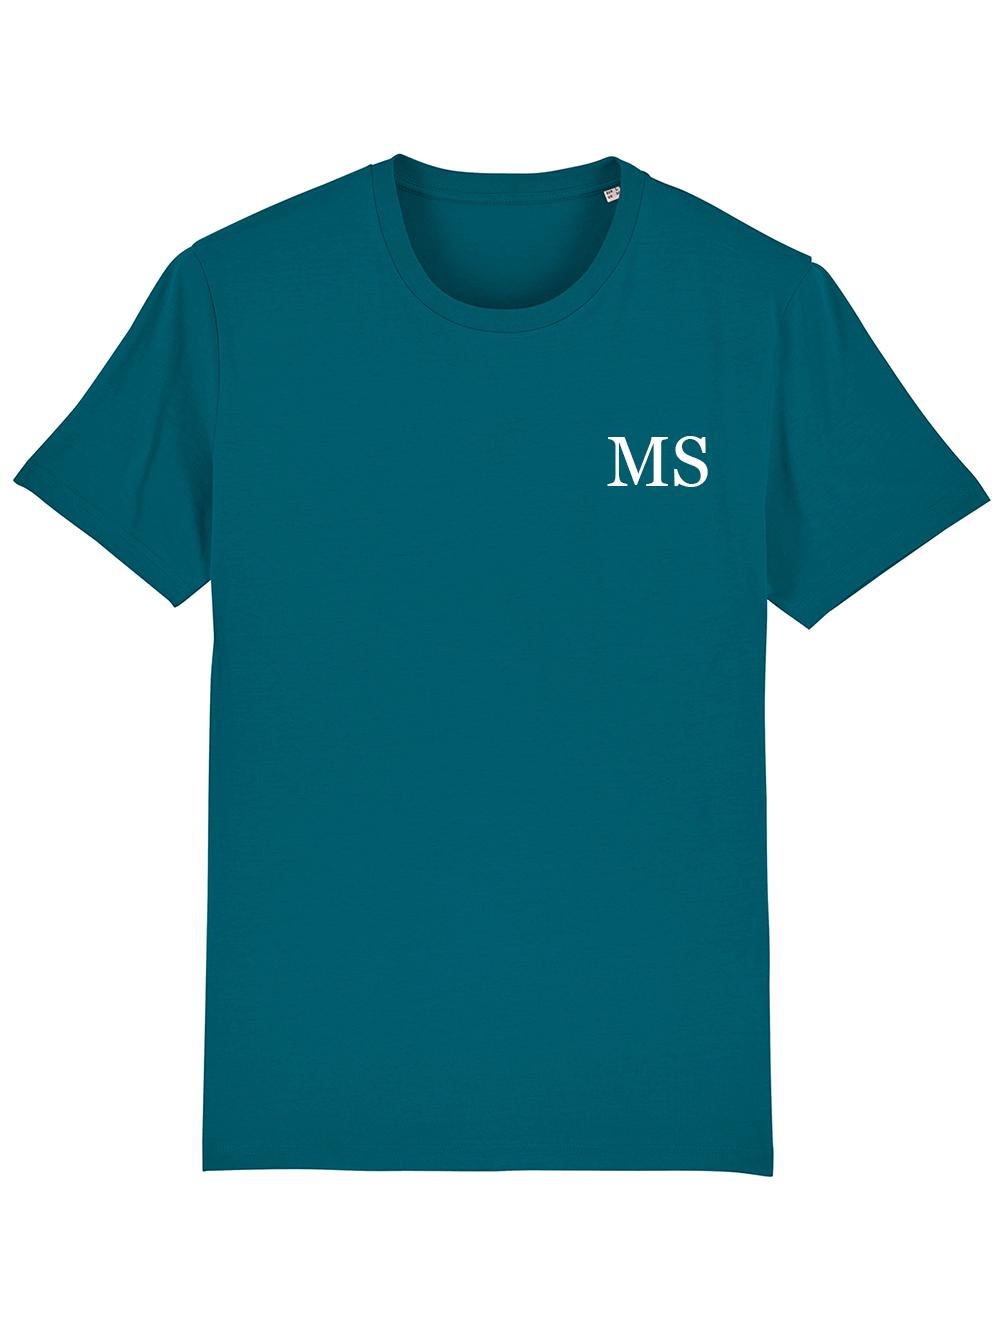 Mens Initial Tshirt – Ocean